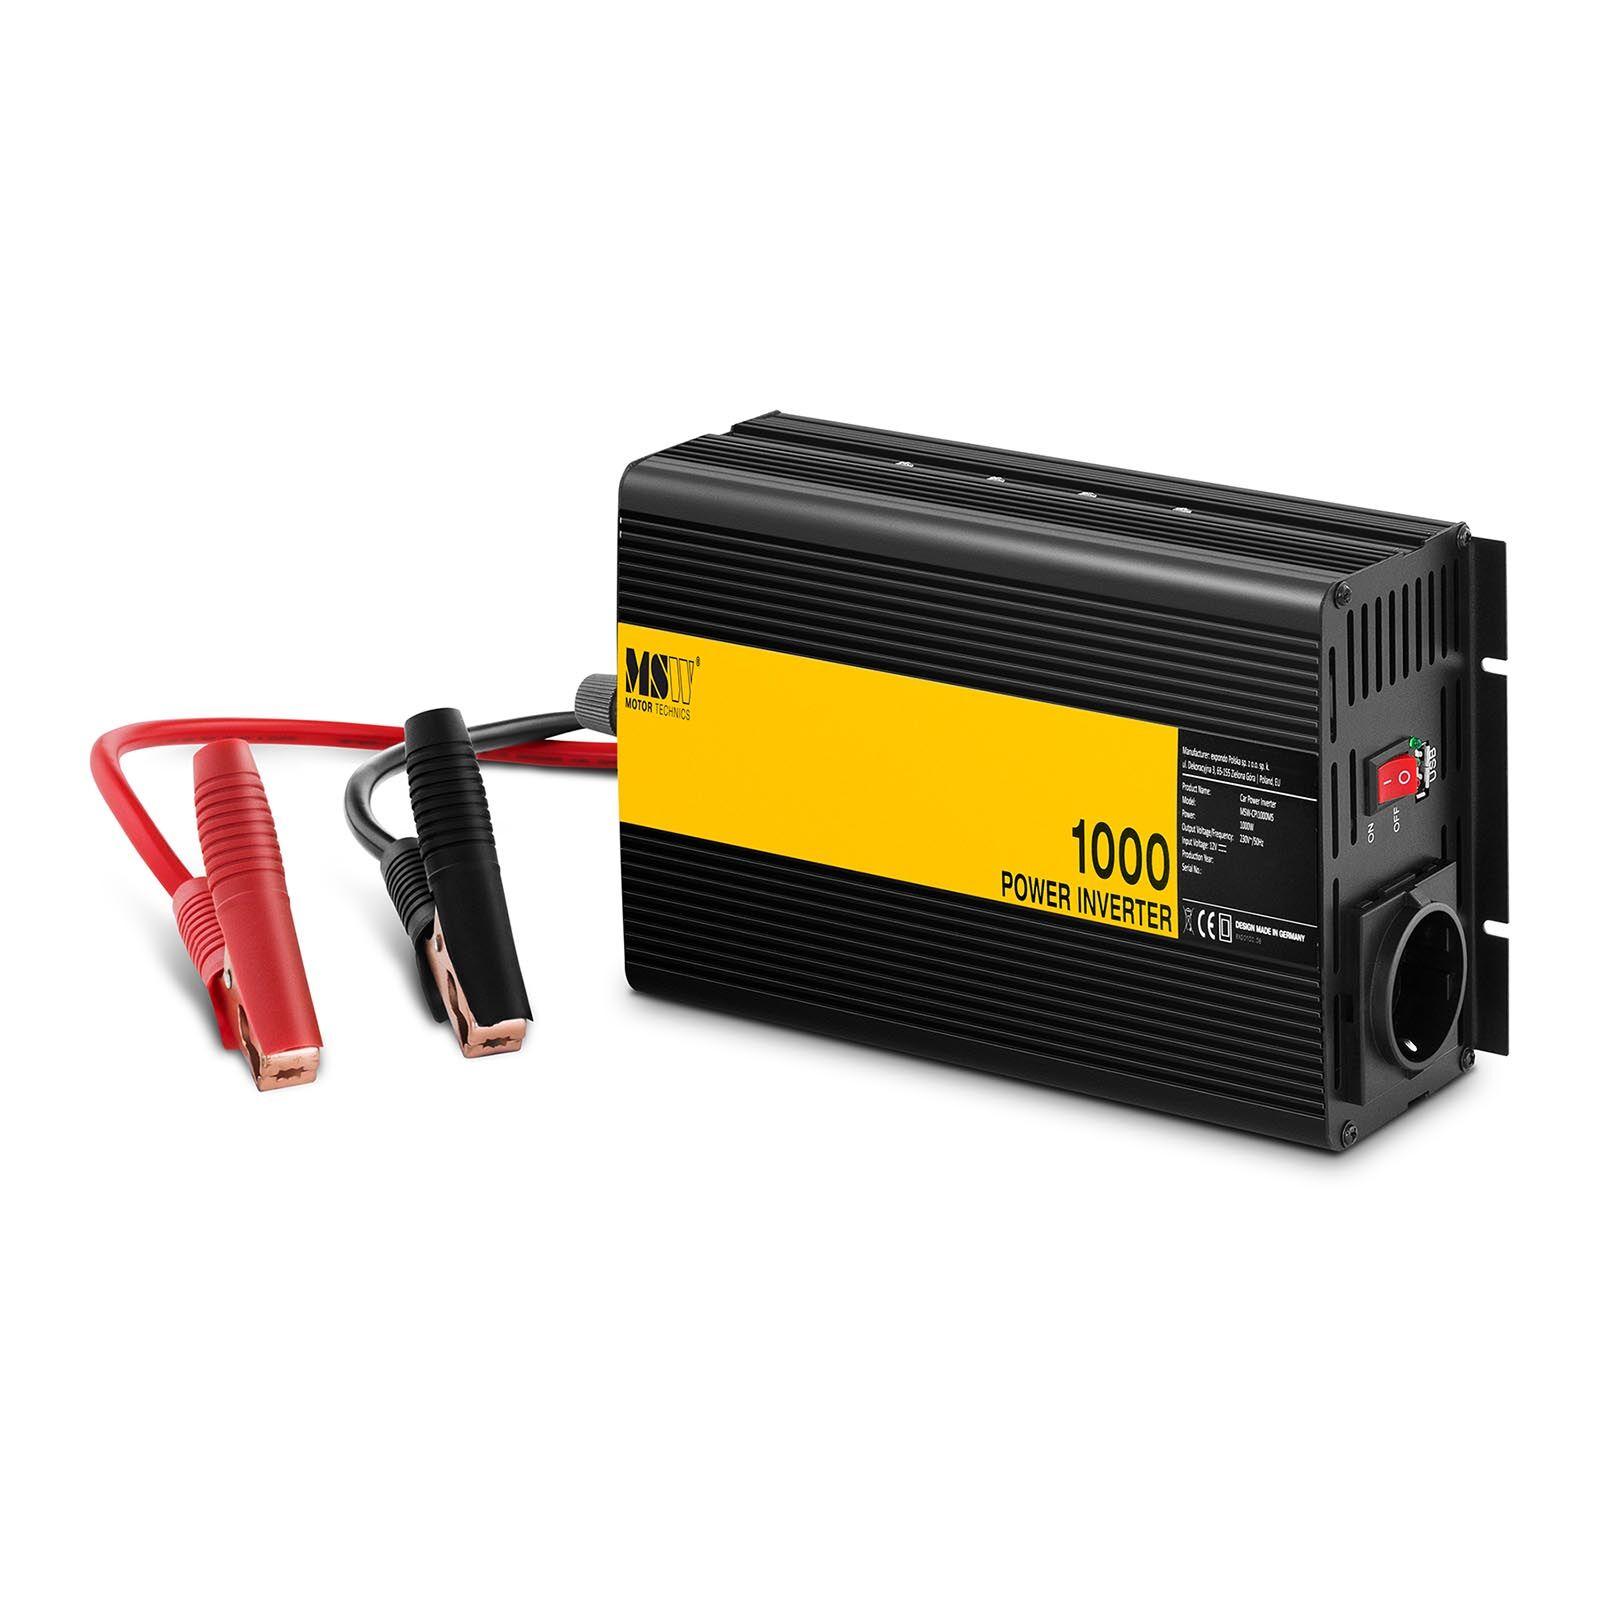 MSW Inverter per auto - 1000 W -CPI1000MS